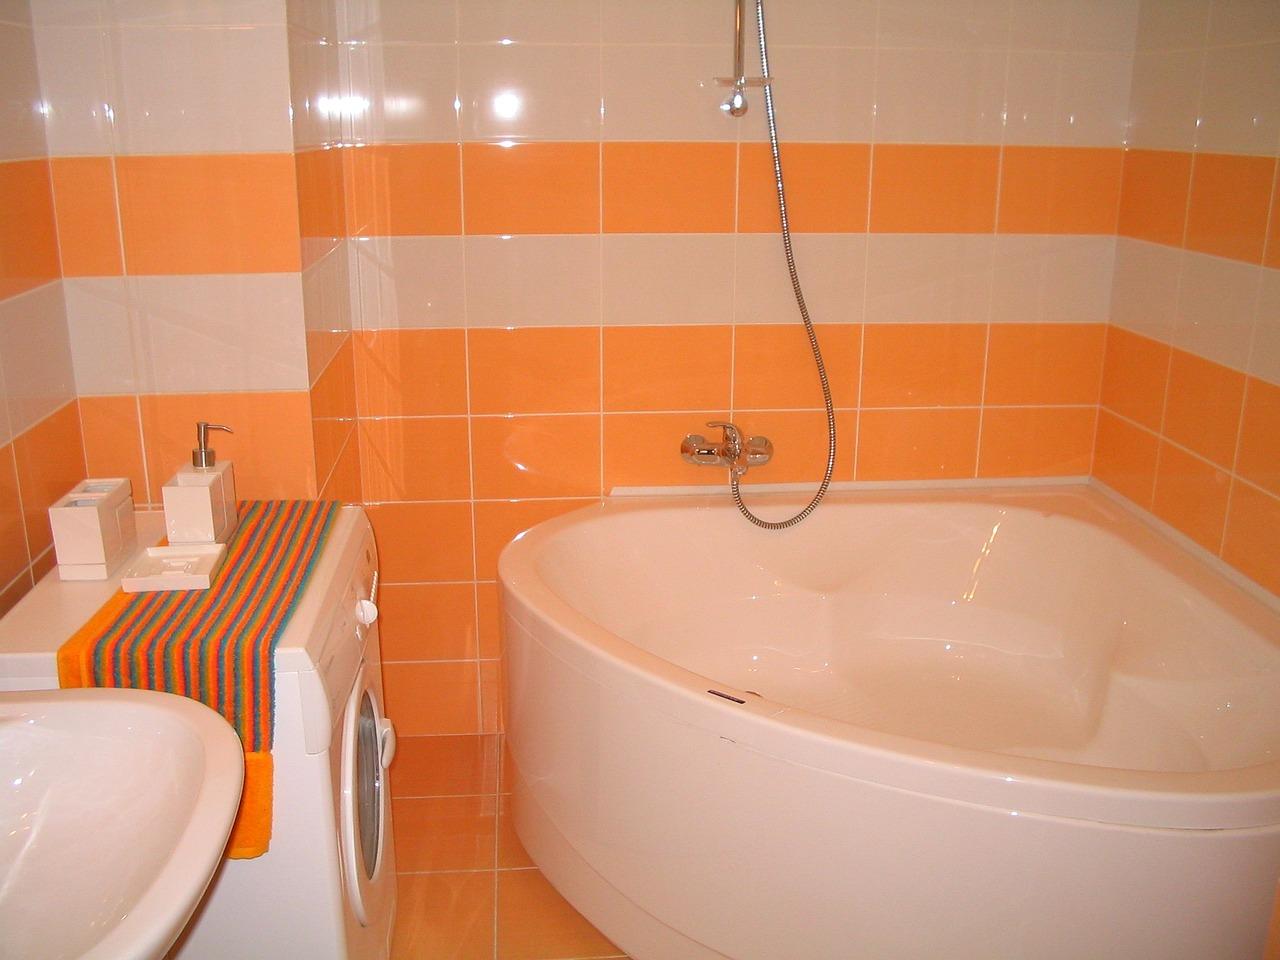 bathroom-1178723_1280